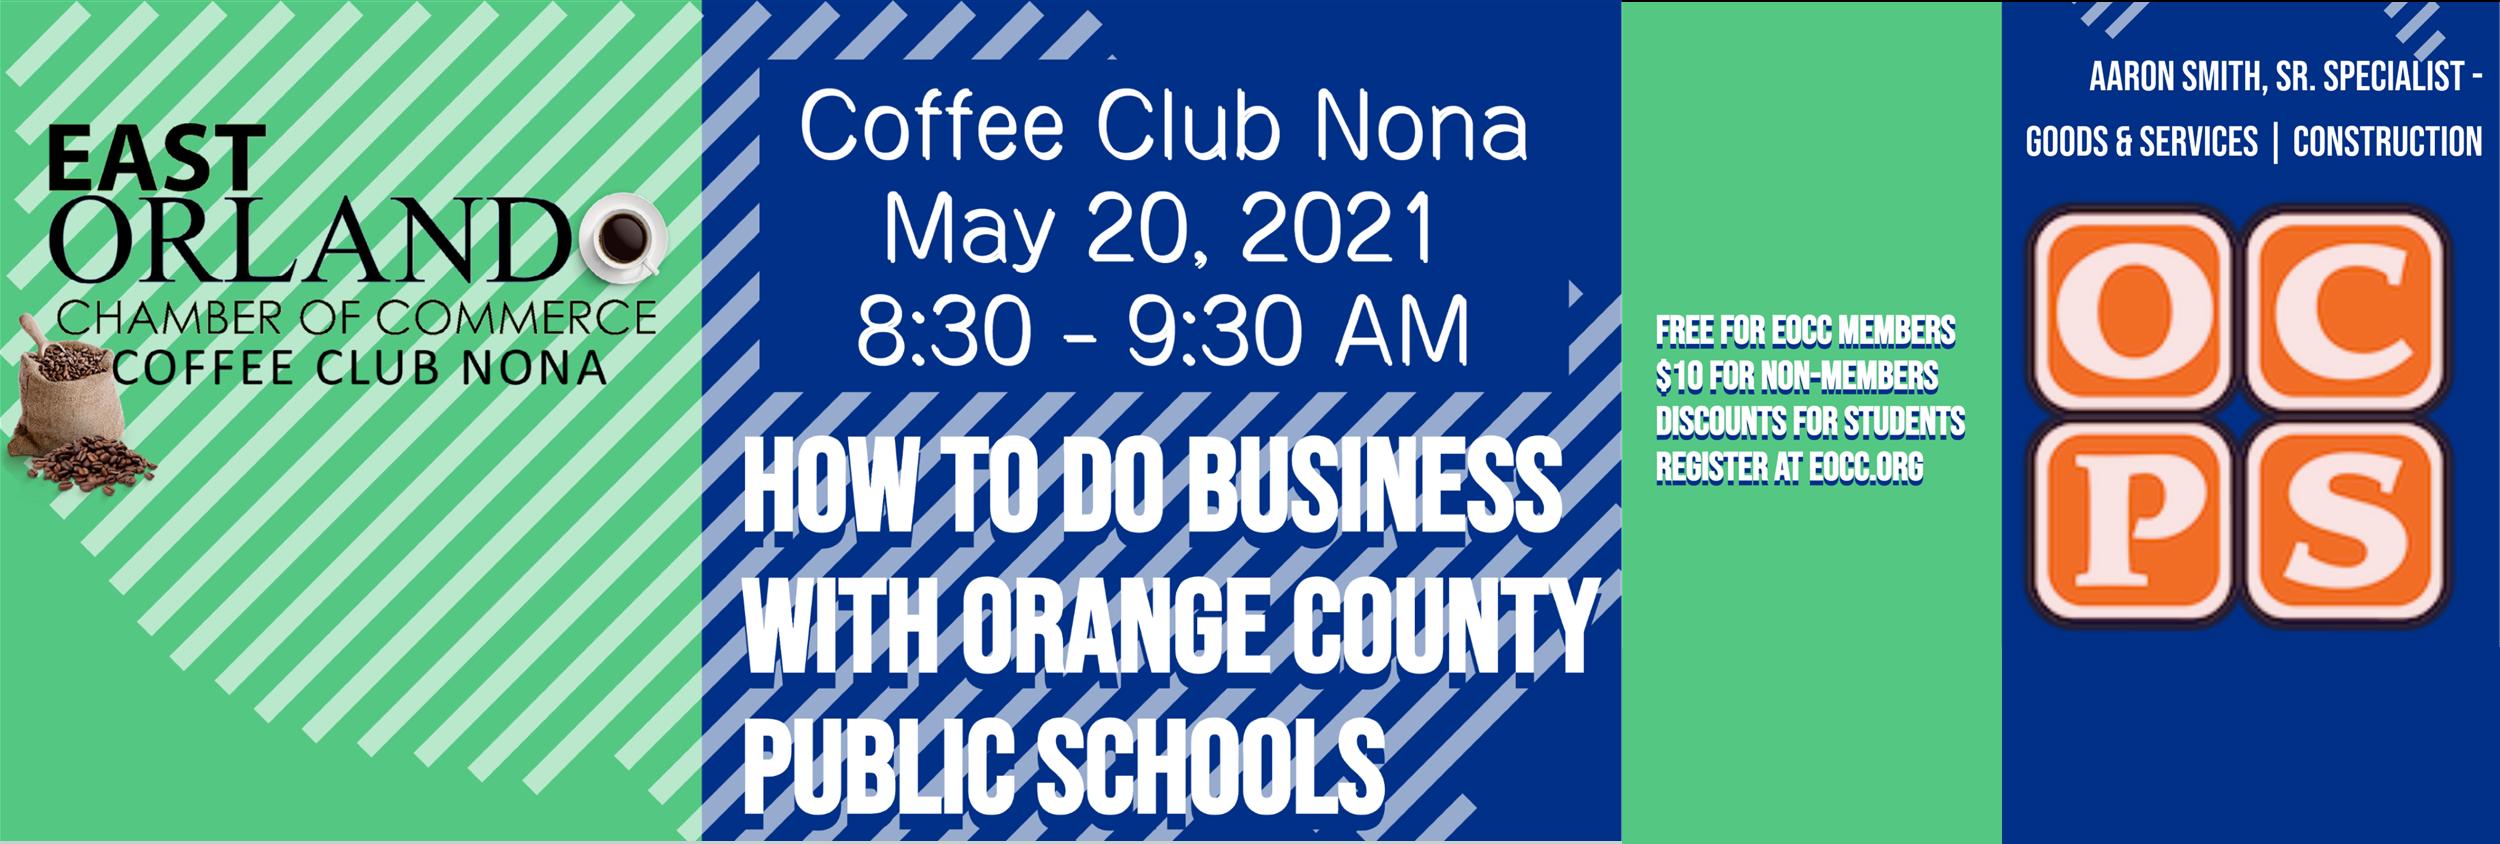 Coffee Club Nona